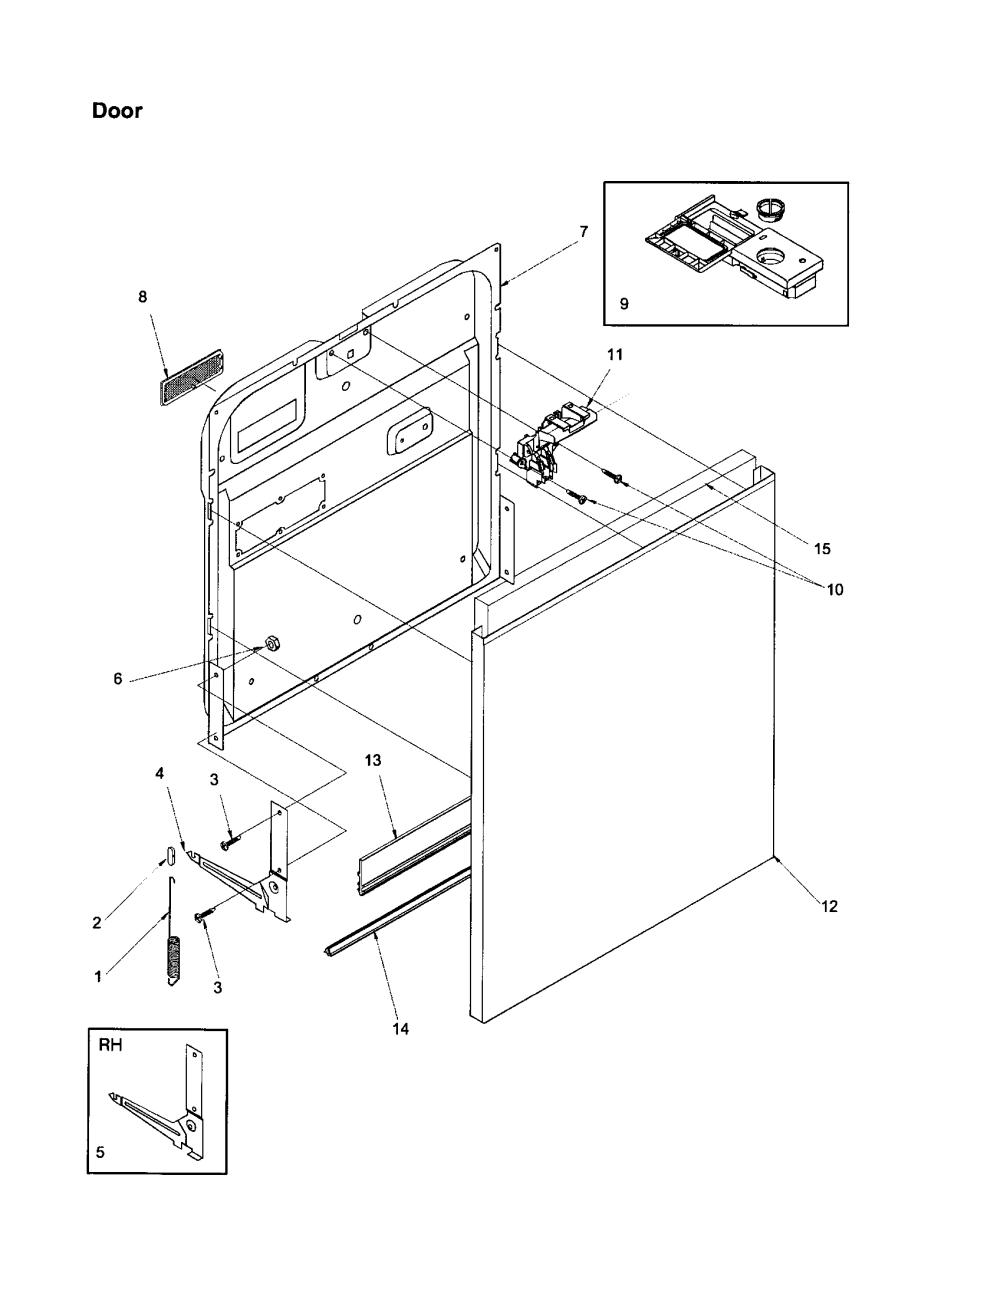 medium resolution of amana dishwasher wiring diagram amana free engine image amana washer parts diagram amana dishwasher parts diagram